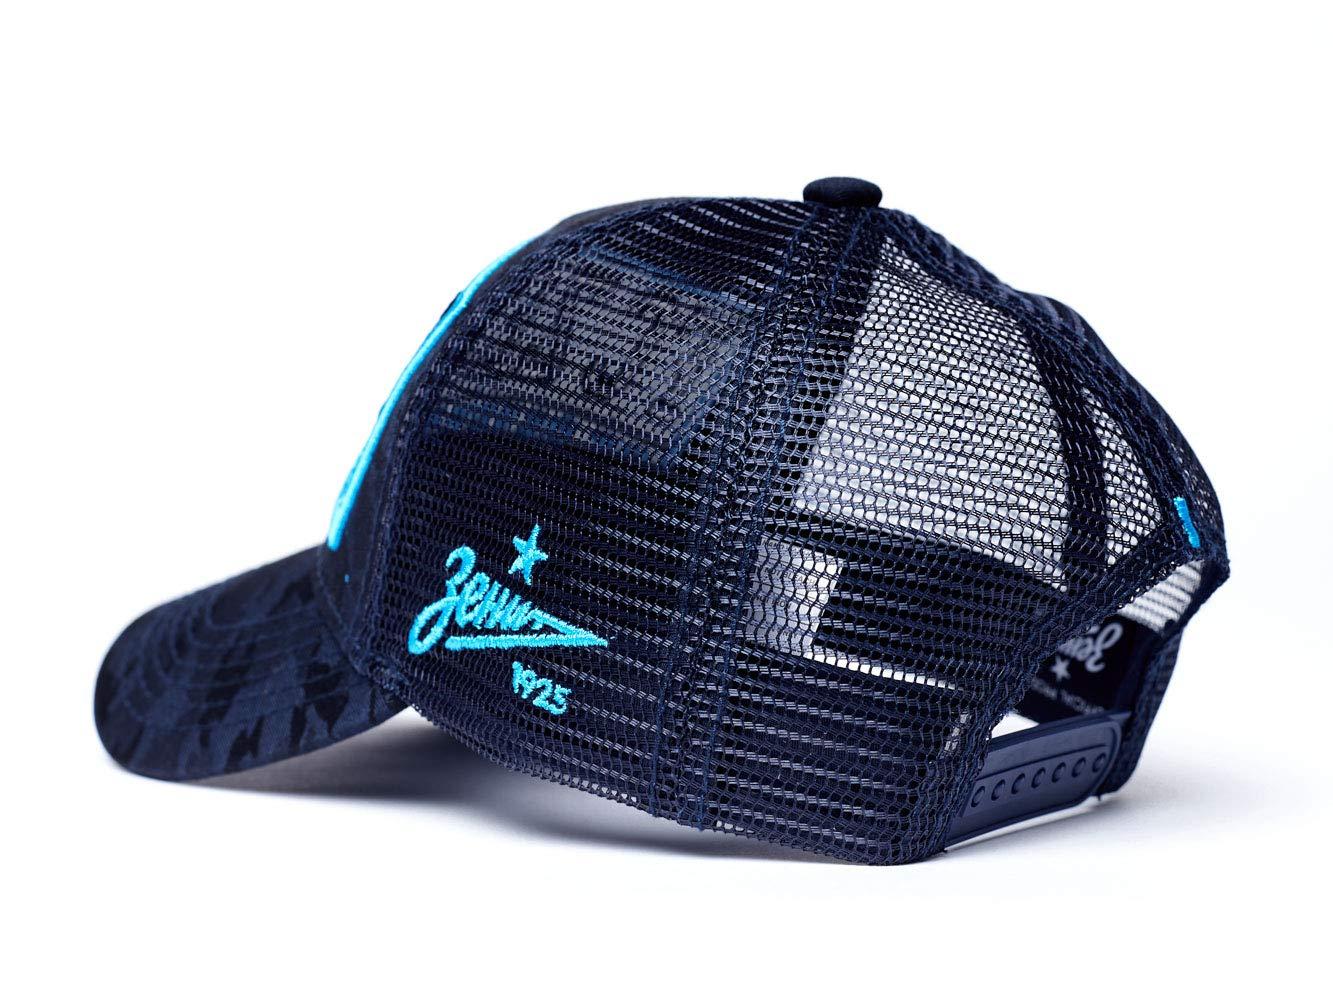 a713f0eb8 Amazon.com : Atributika & Club FC Zenit St. Petersburg Trucker hat ...